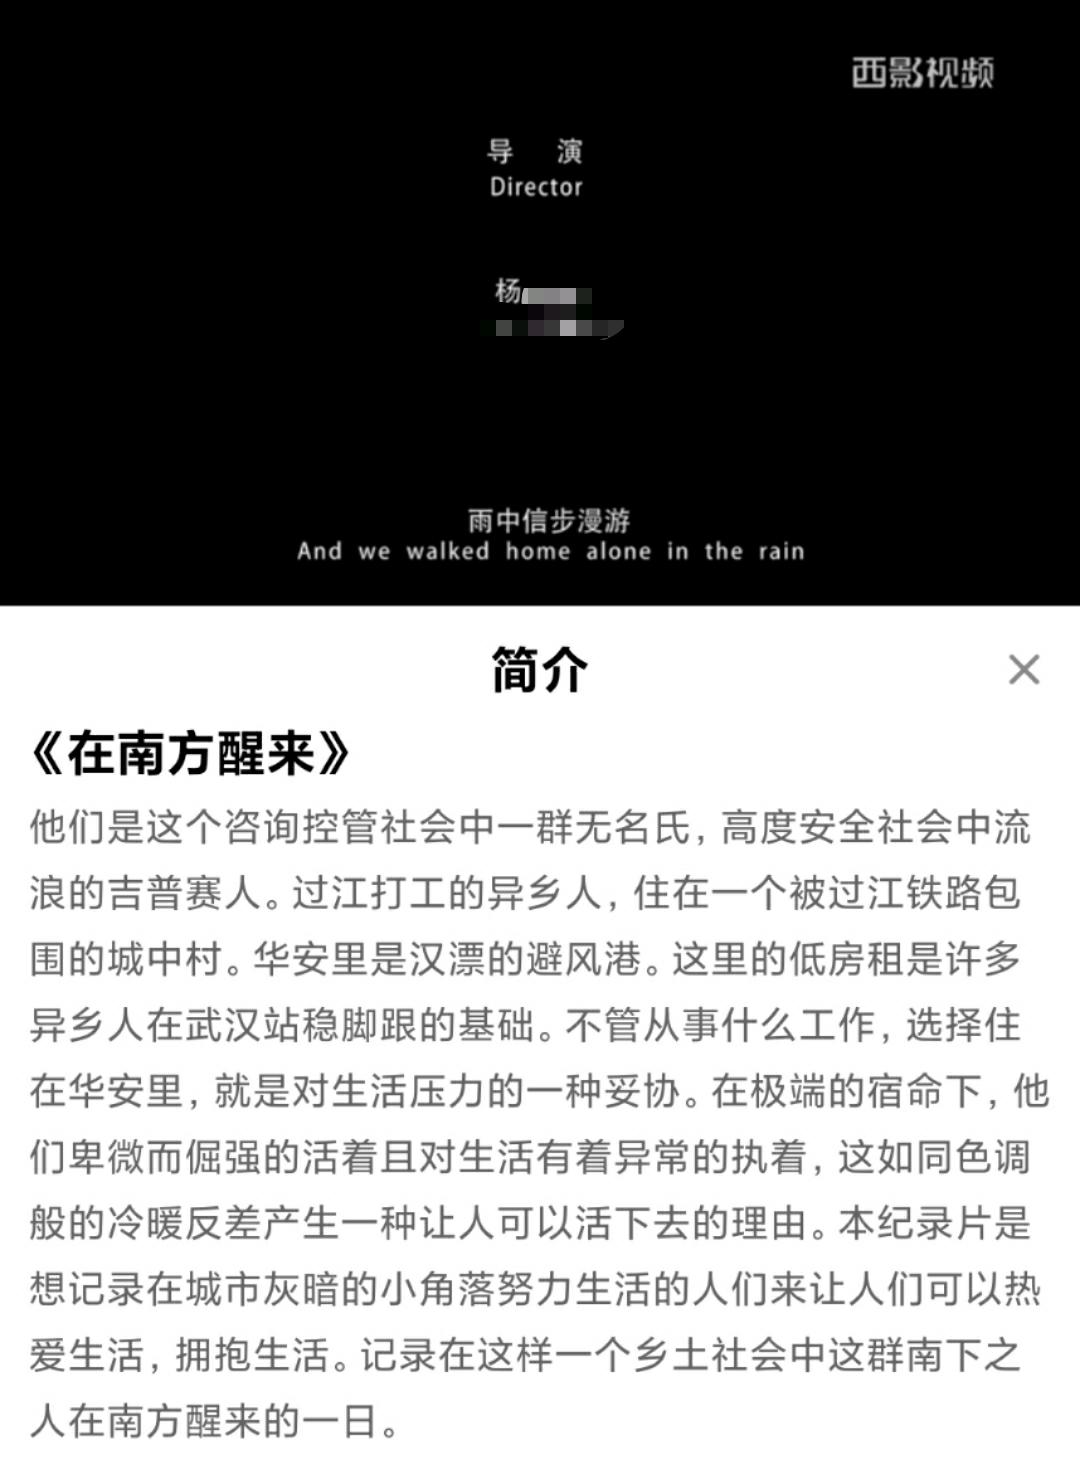 西安一高校学生疑似抄袭他人纪录片,学院教师:已展开调查